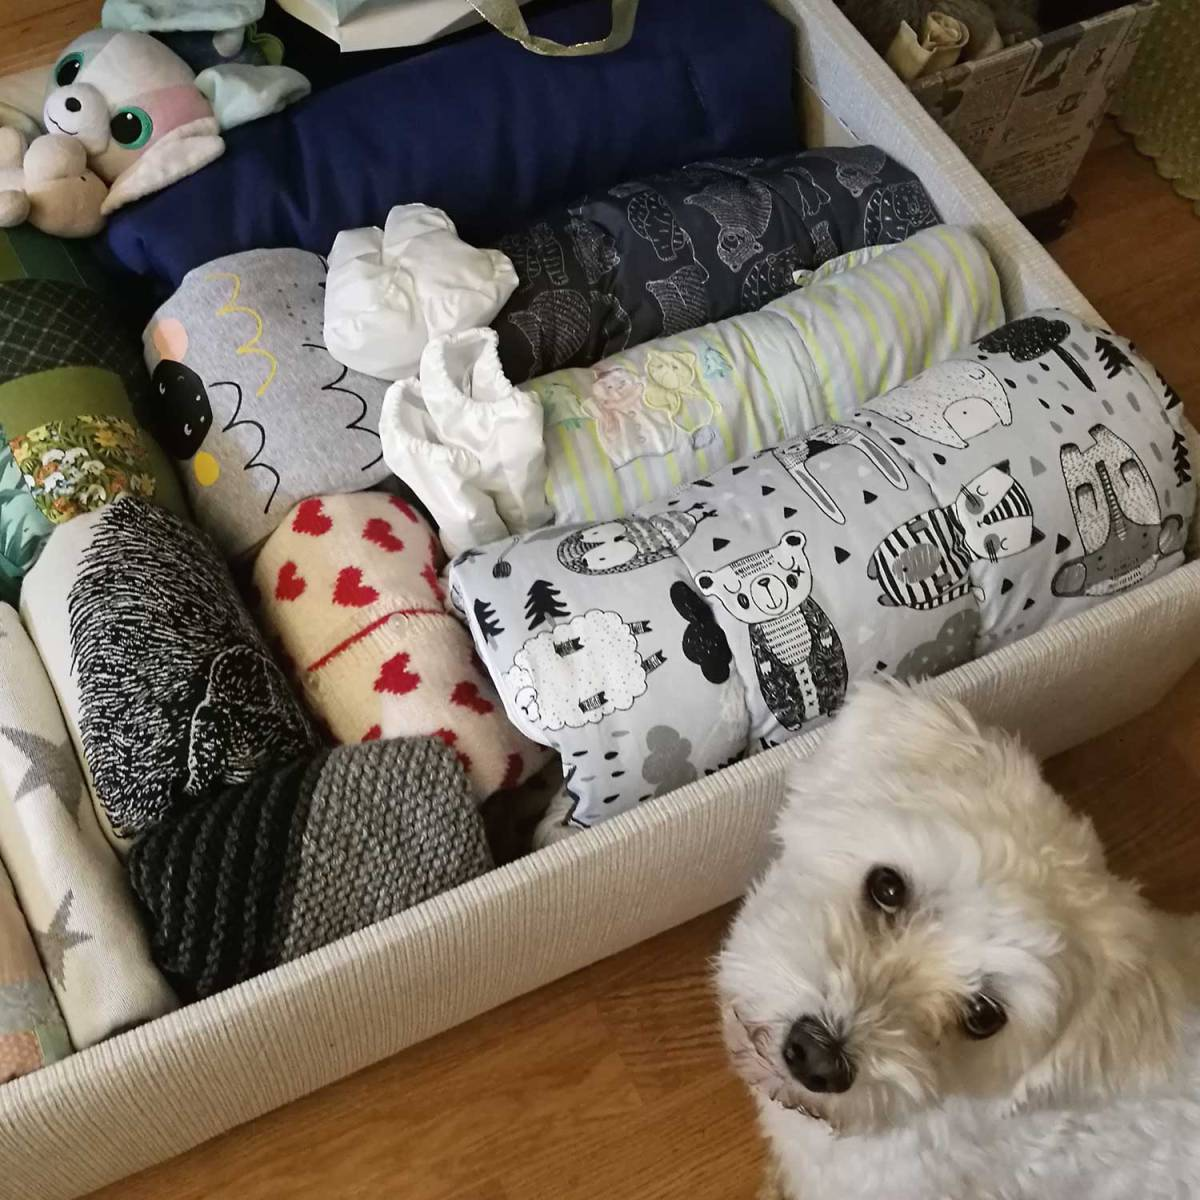 Pieni valkoinen koira katsoo kameraan. Sen takana laatikossa on kymmenisen pystyviikattua peitettä ja haalaria.